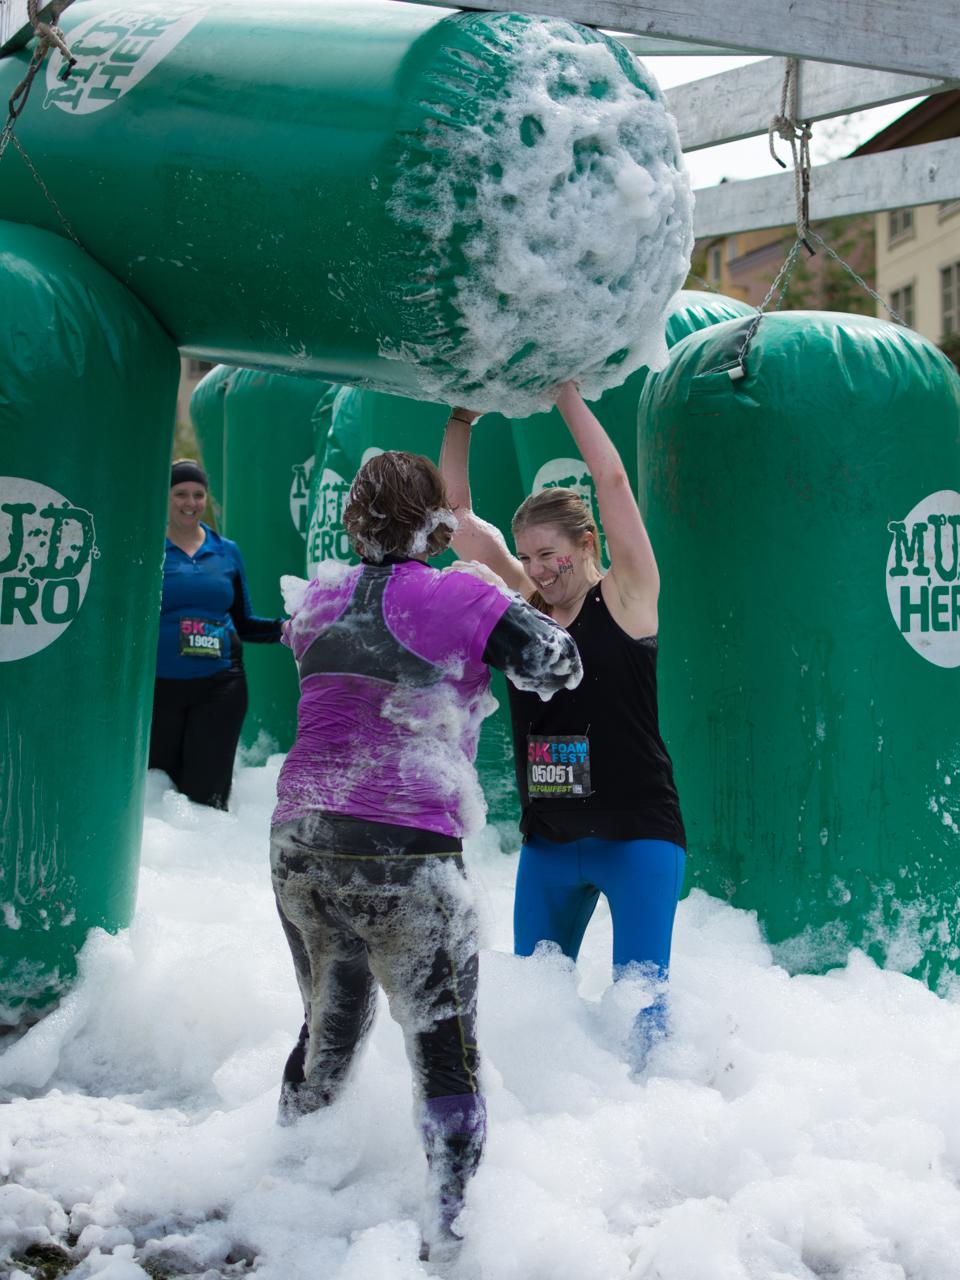 5k foam fest in photos